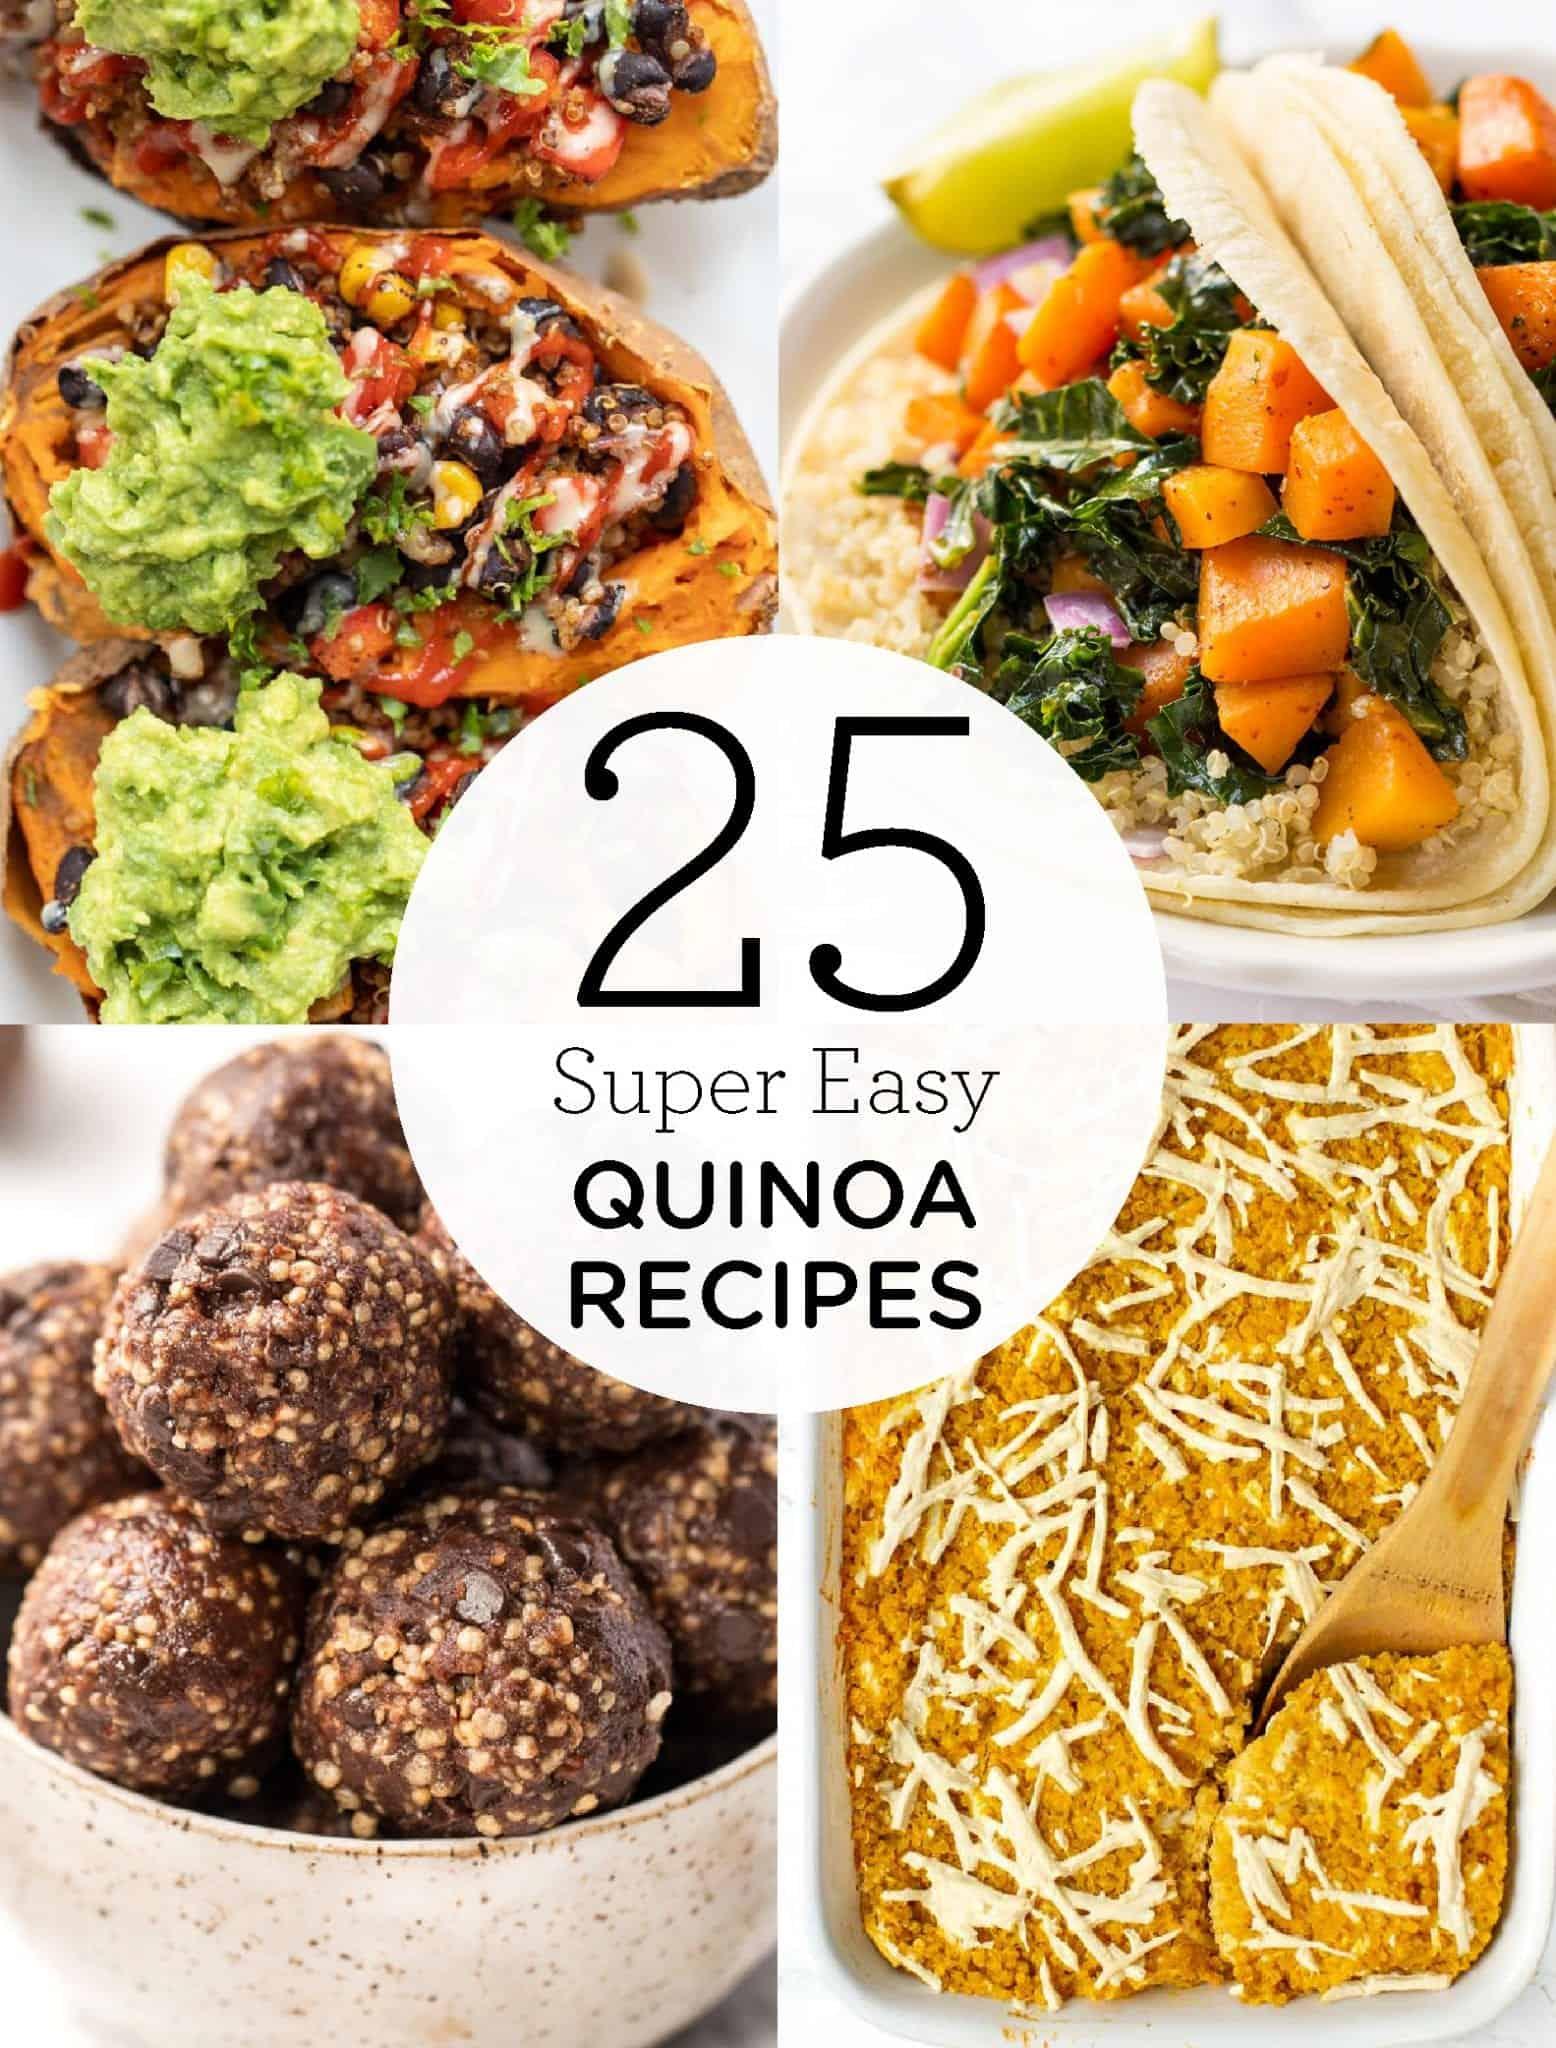 25 Super Easy Quinoa Recipes